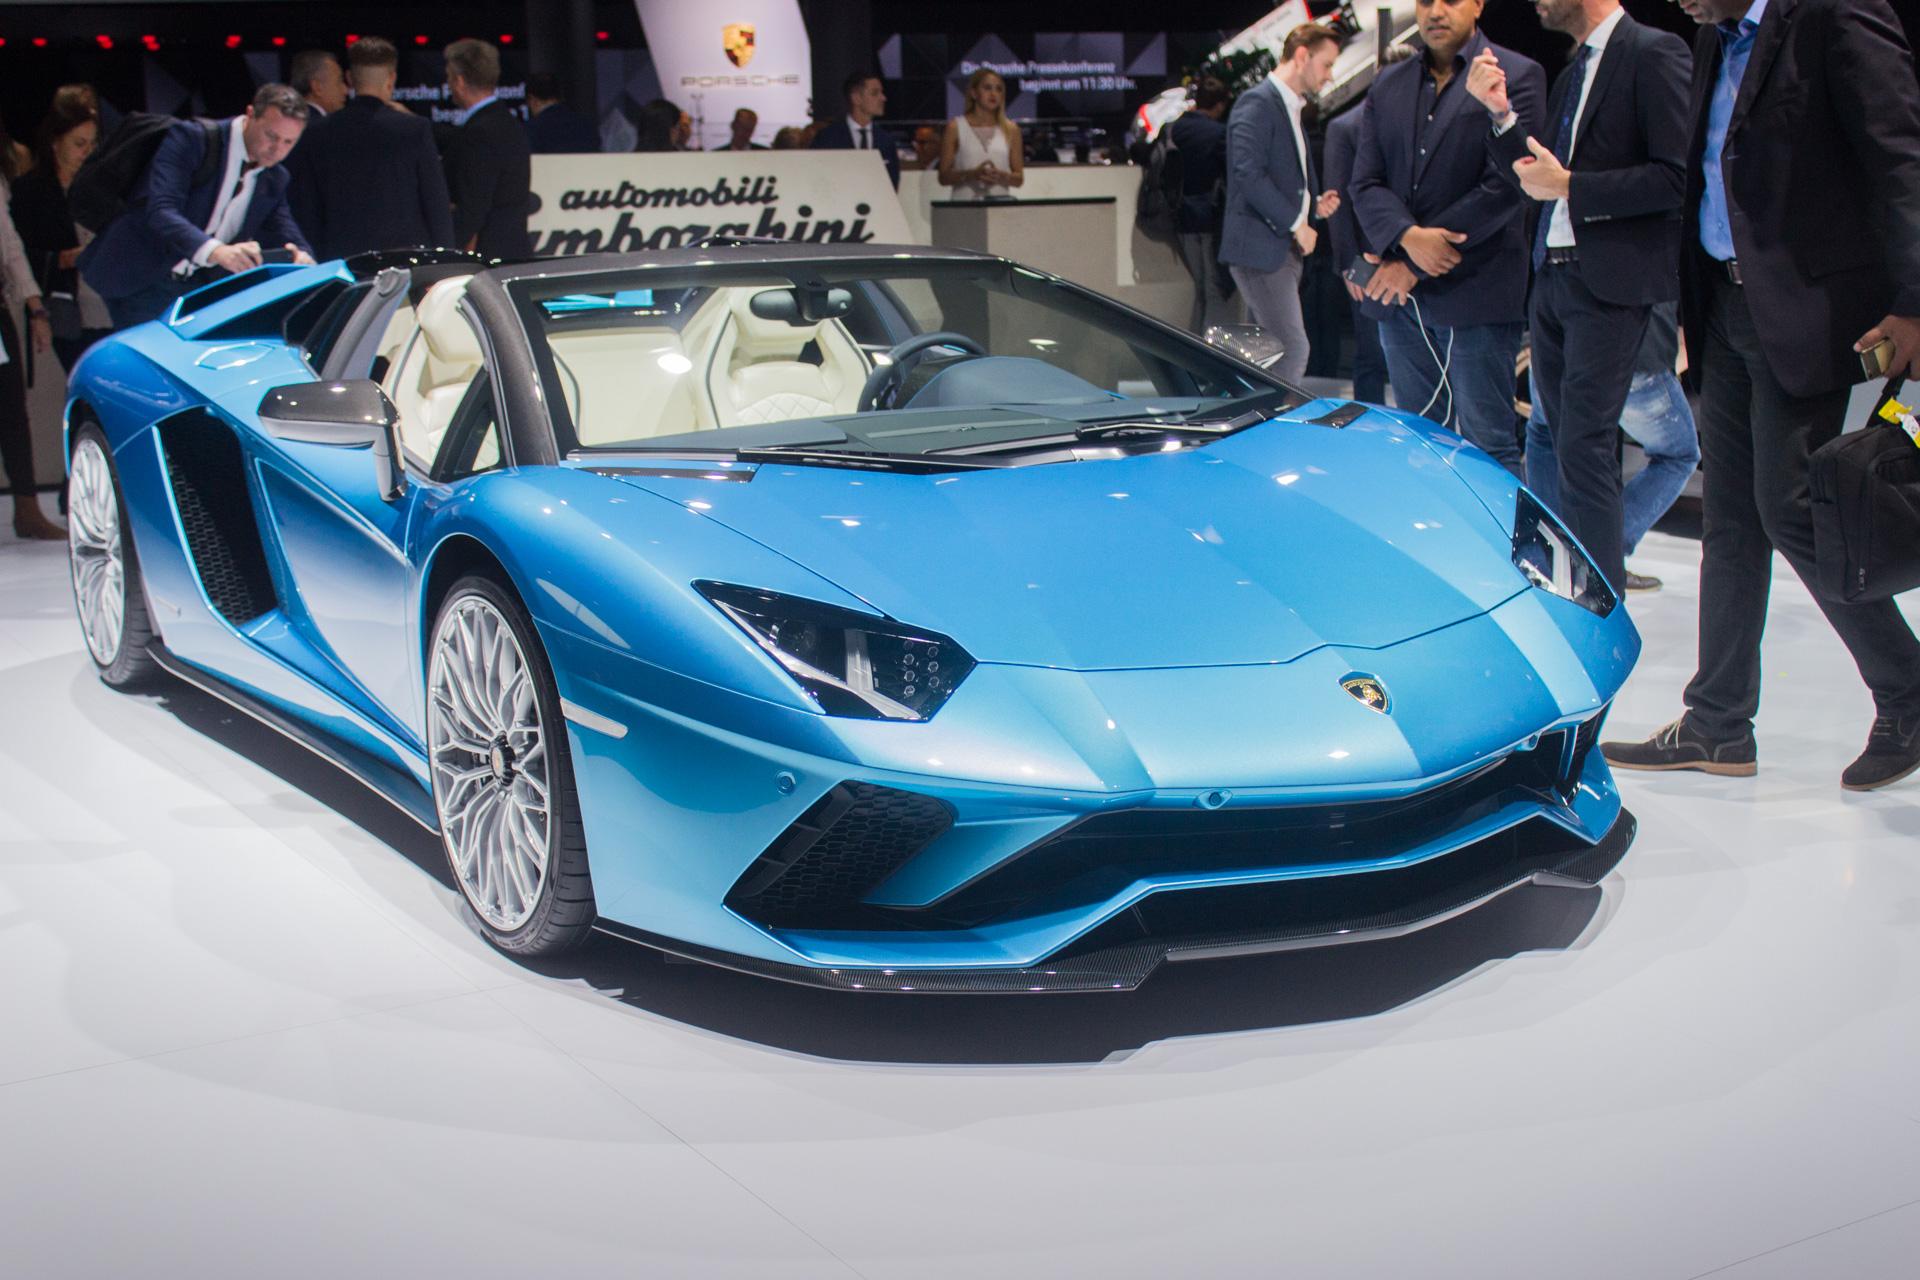 Lamborghini Aventador S Roadster Lambo S Newest Big Buck Bald Bull